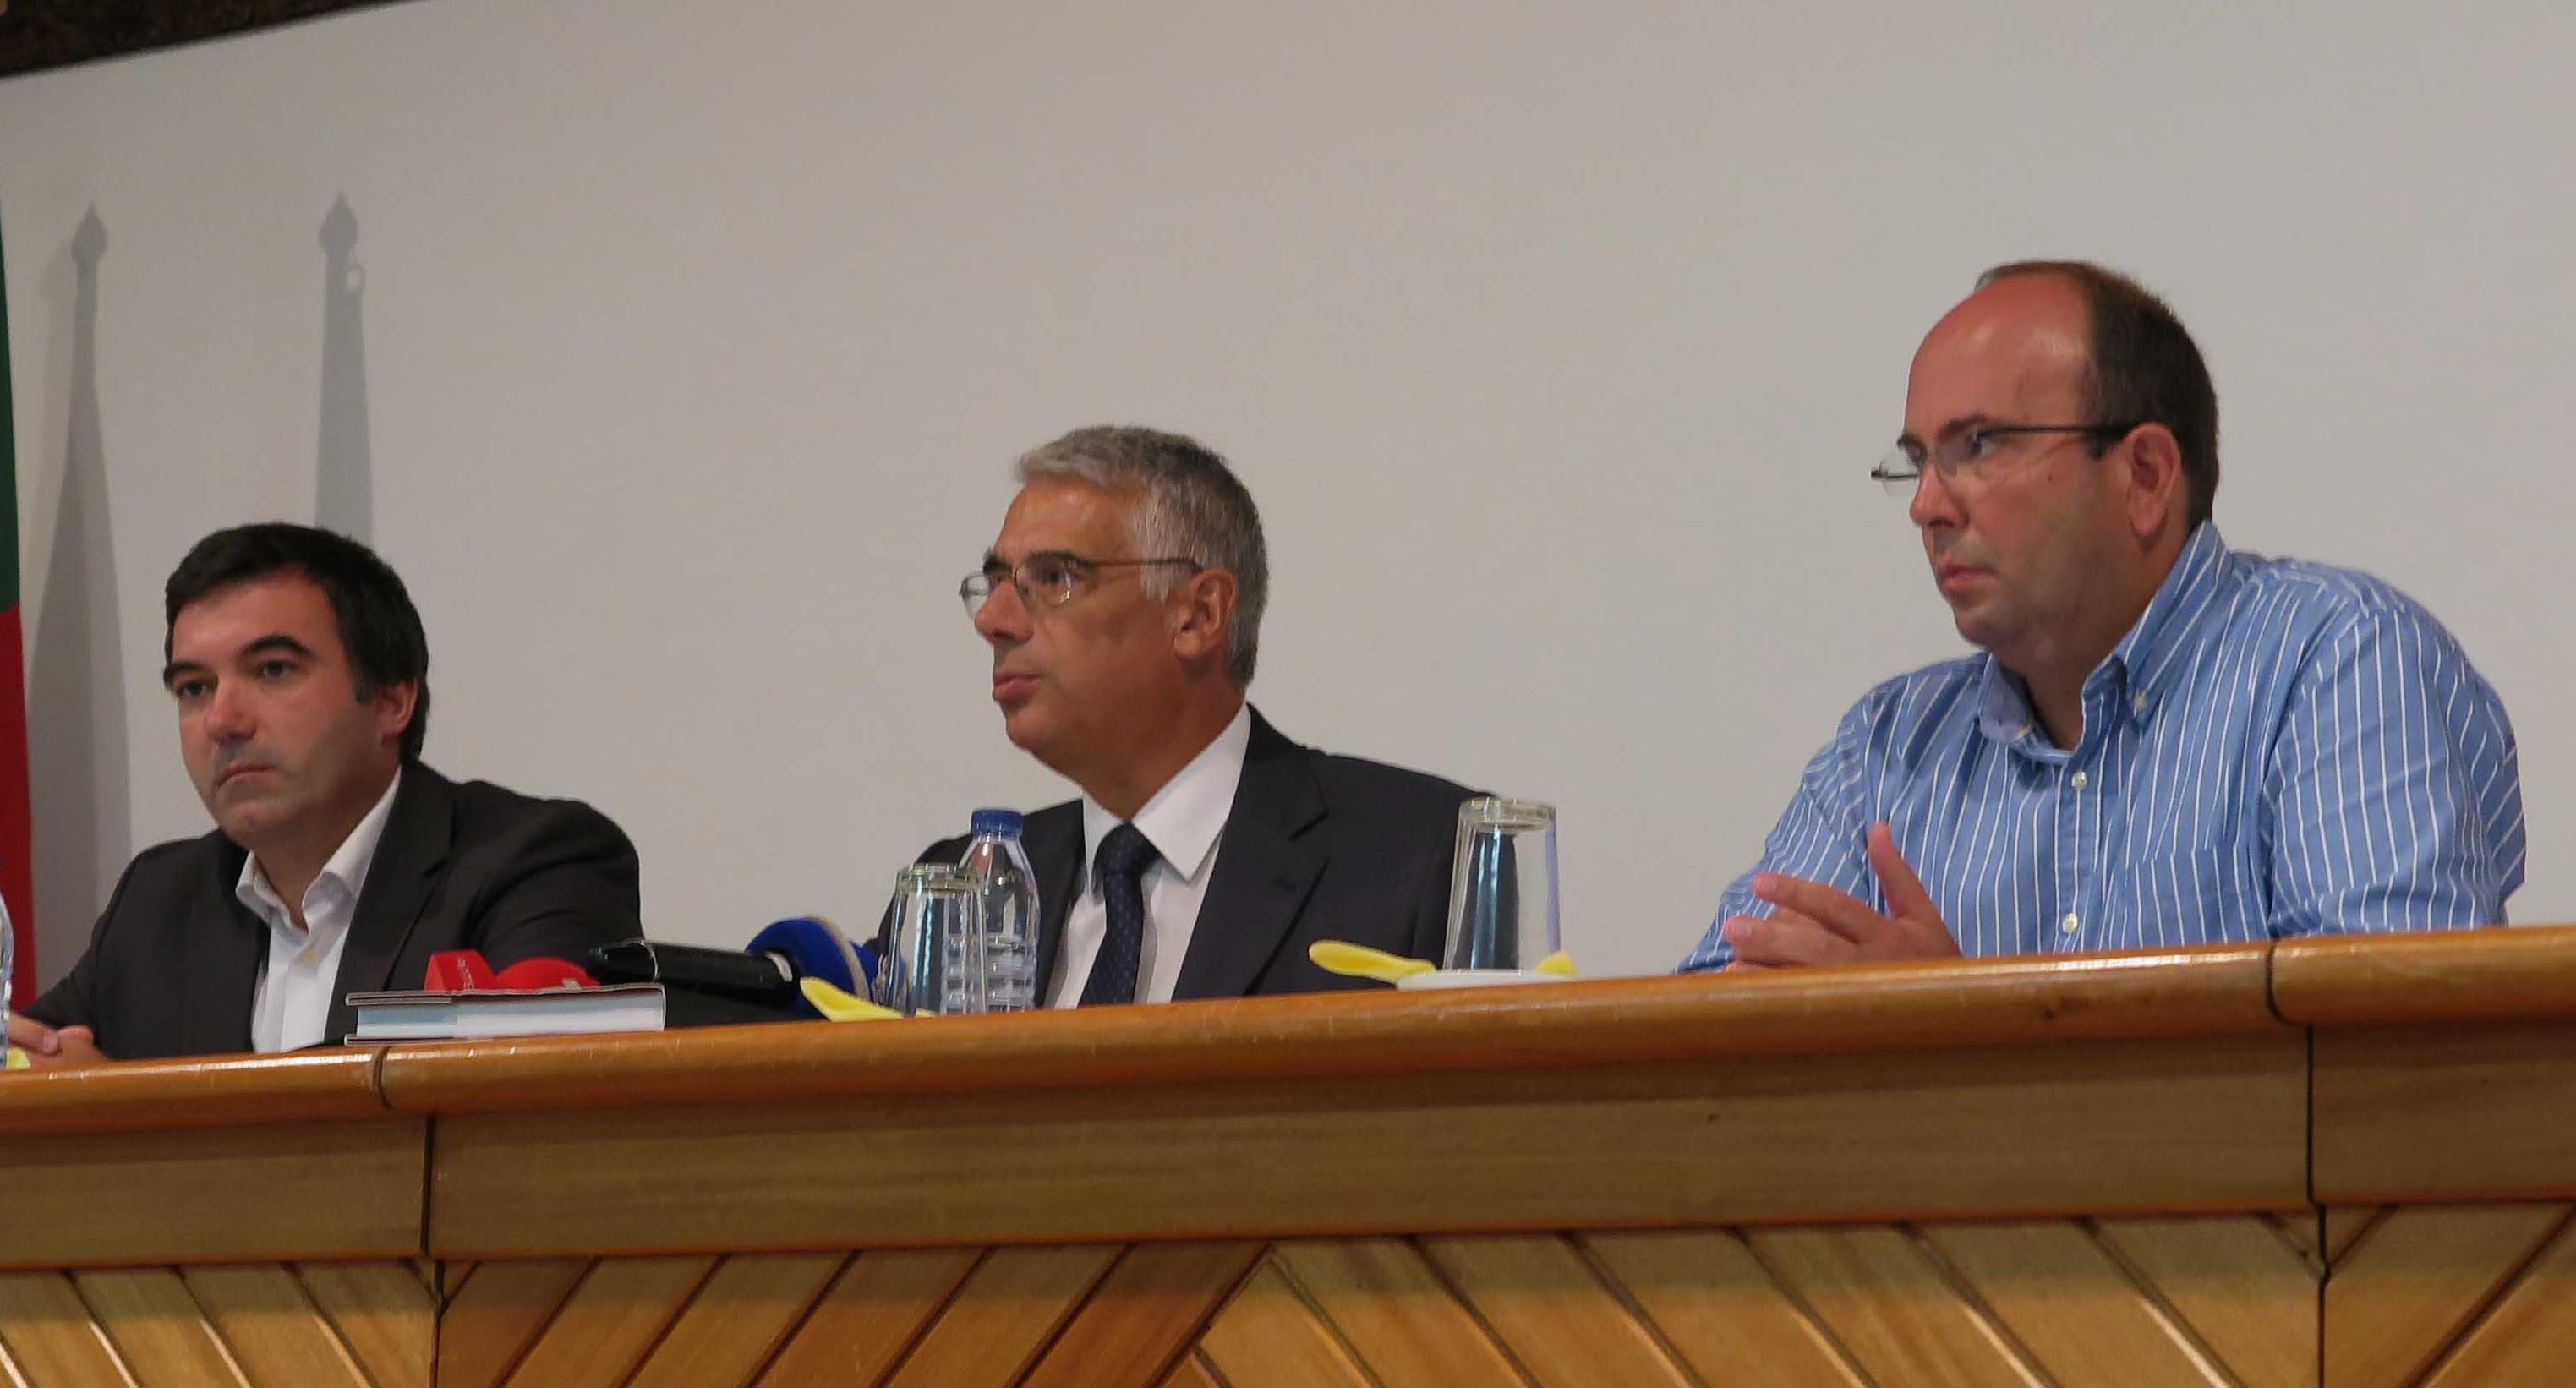 Apoios públicos potenciaram duplicação da área de vinha em produção no Pico, destaca Luís Neto Viveiros